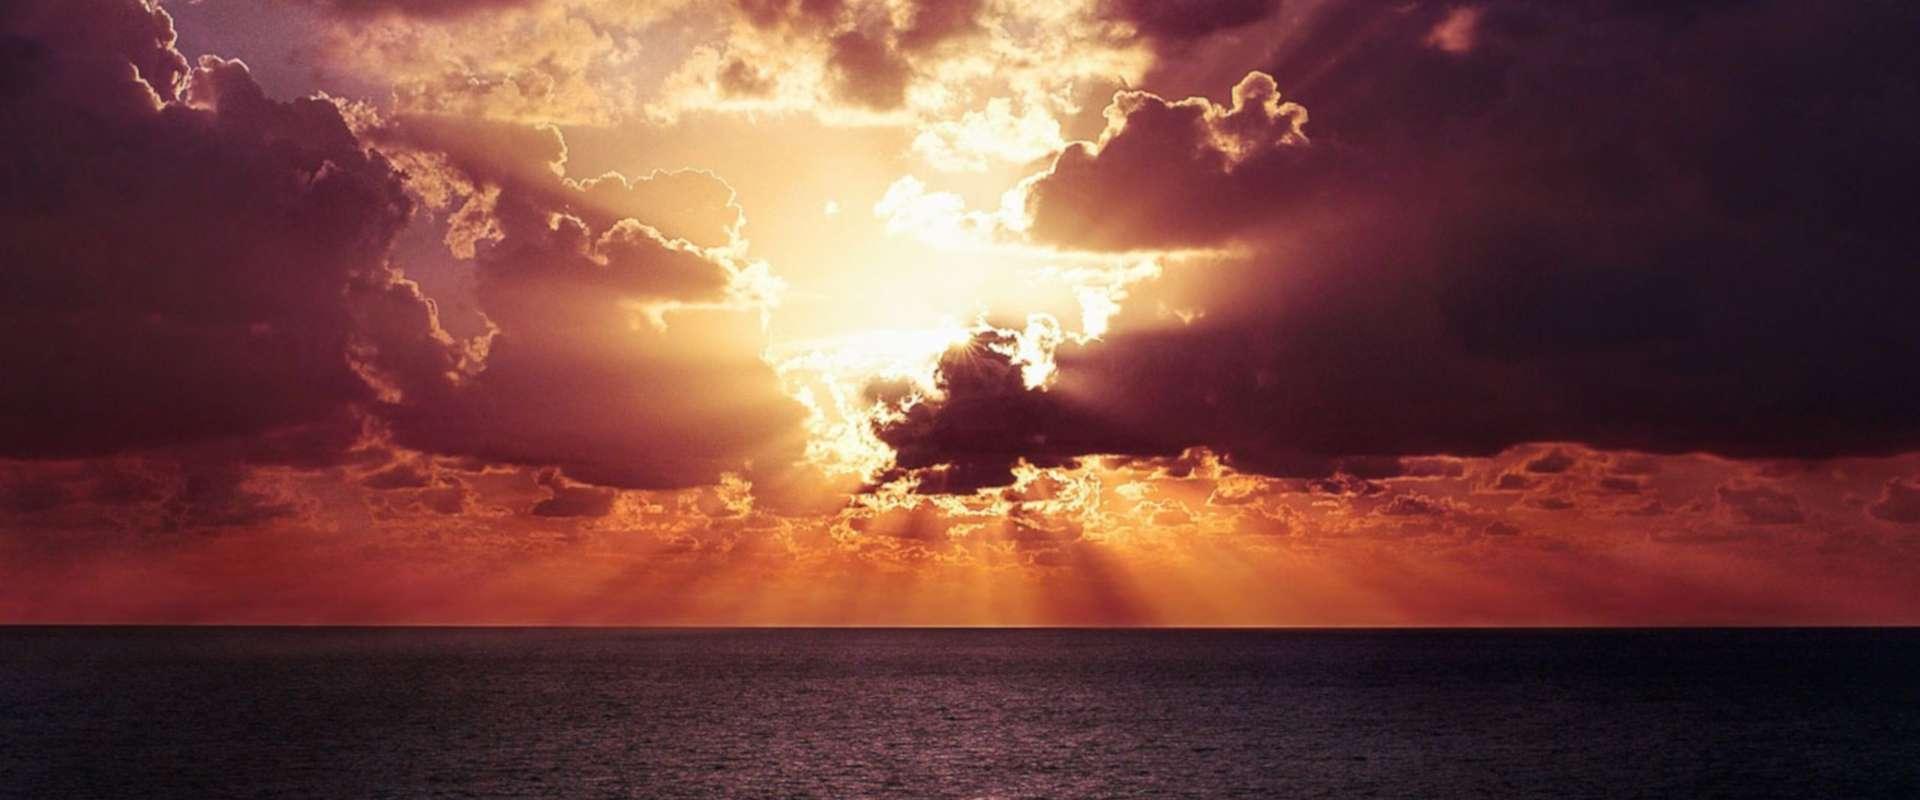 darshanatura-solstizio-estate-5-suggerimenti-per-viverlo-al-meglio-header